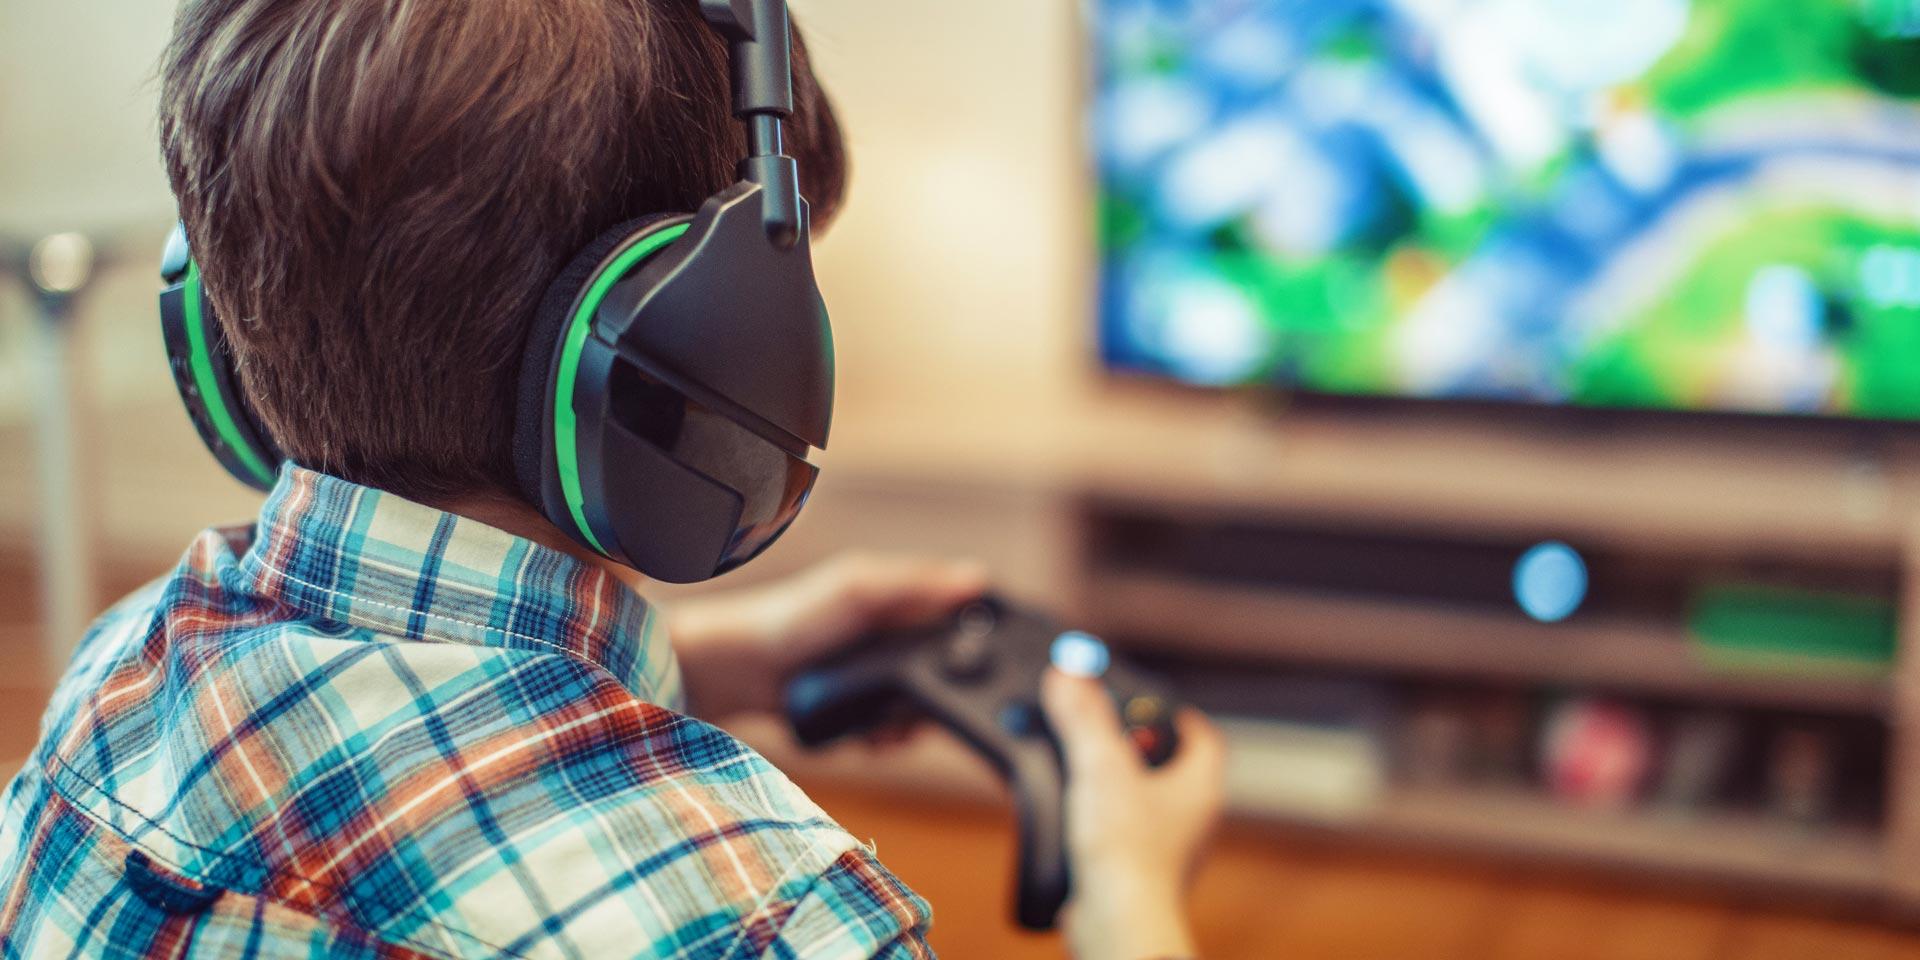 Enfant jouant aux jeux vidéo